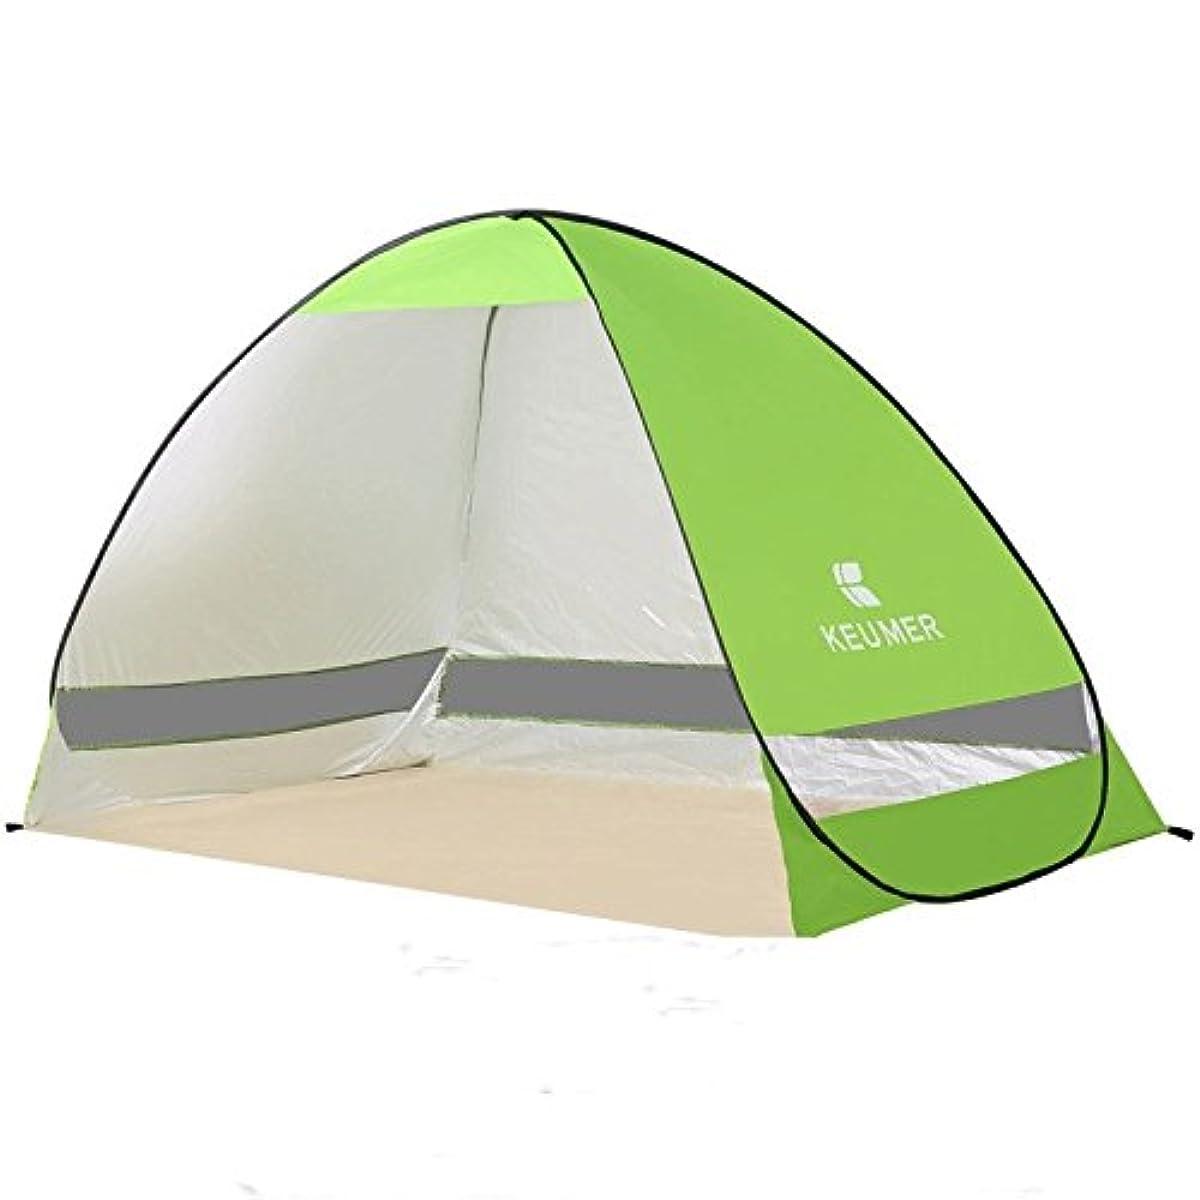 安全性中止します乳白色ビーチテント、ビーチテント自動的に折り畳む屋外ダブル釣りテントレインサンシェードUVテント (Color : グリーン)